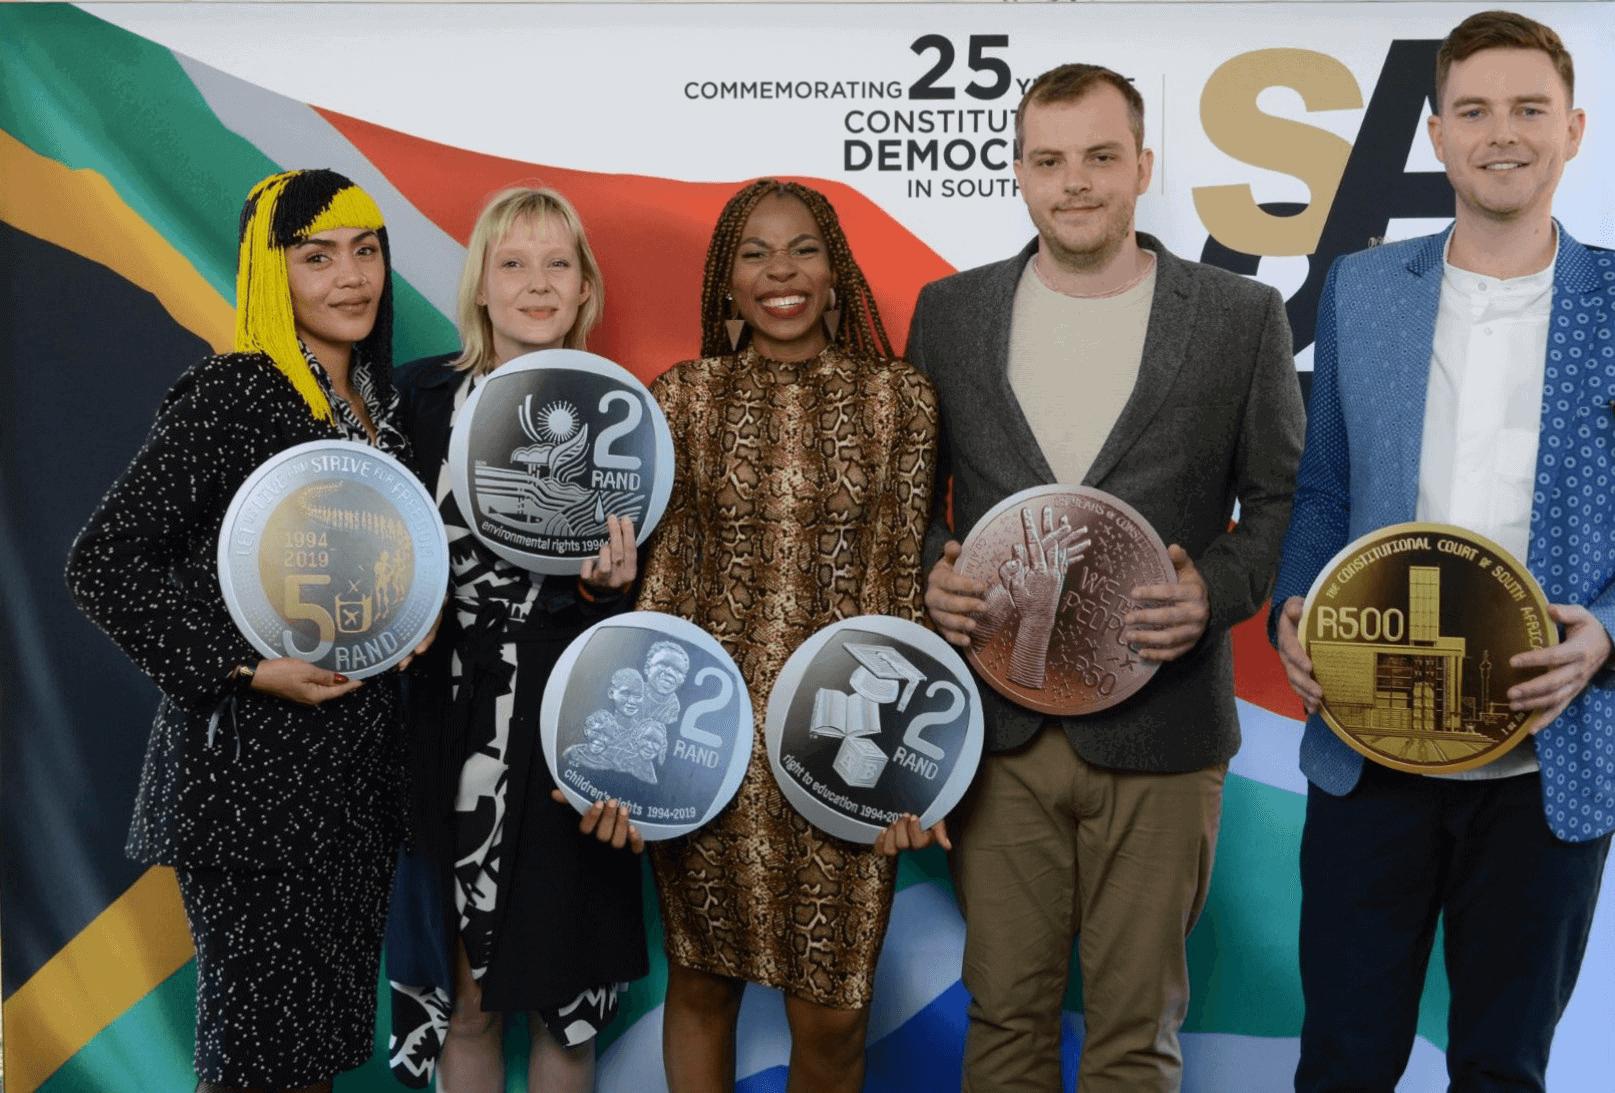 Los artistas con las monedas que diseñaron en el lanzamiento de los medios del SA25 - Celebrando Sudáfrica (izquierda - derecha), Lady Skollie, Maaike Bakker, Neo Mahlangu, Peter Mammes, Shaun Gaylard.